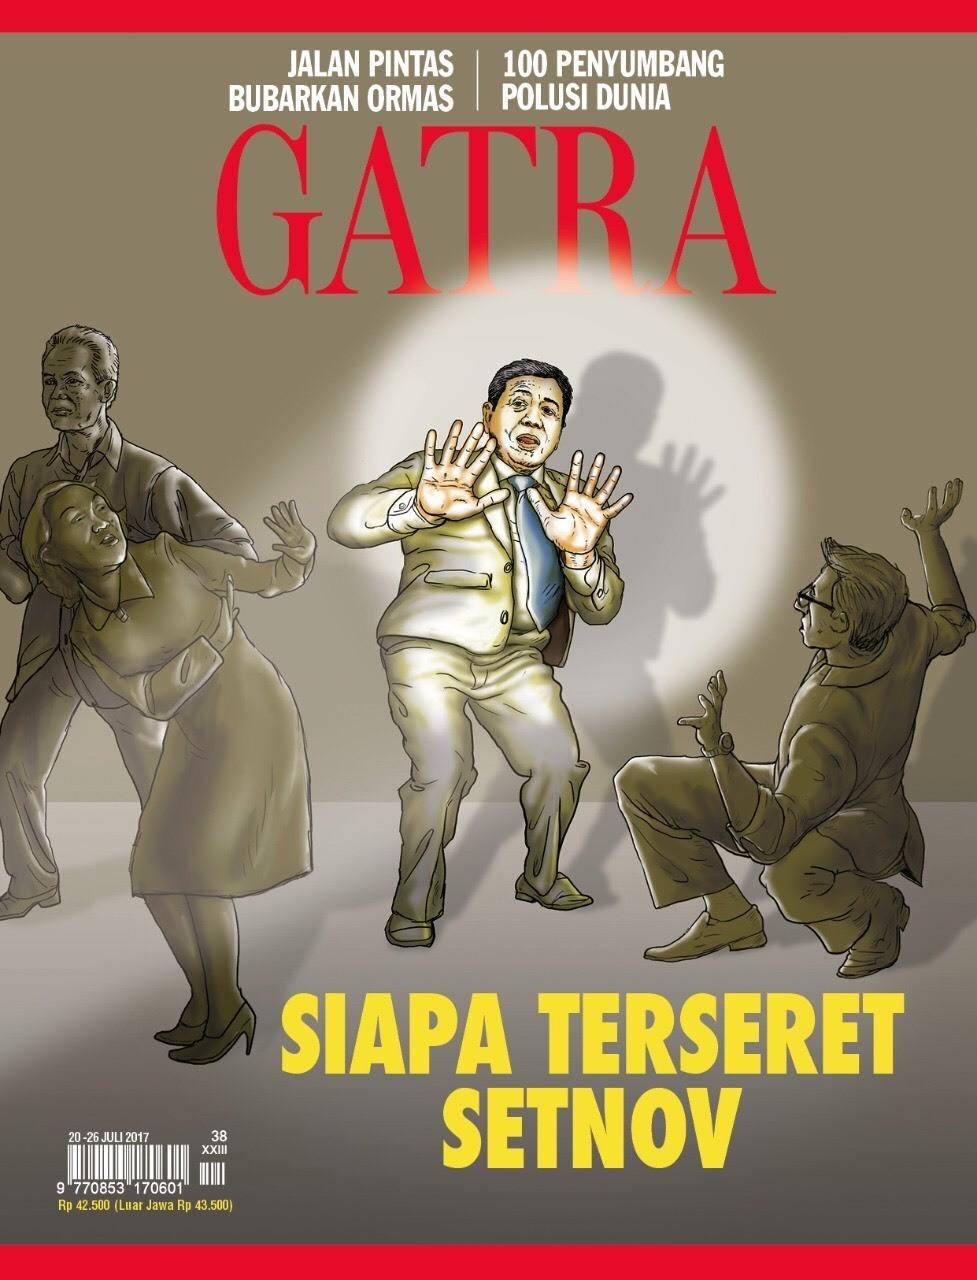 Siapa akan terseret Setnov? Majalah GATRA, no 37 tahun XXXIII, beredar Jumat 21 Juli 2017